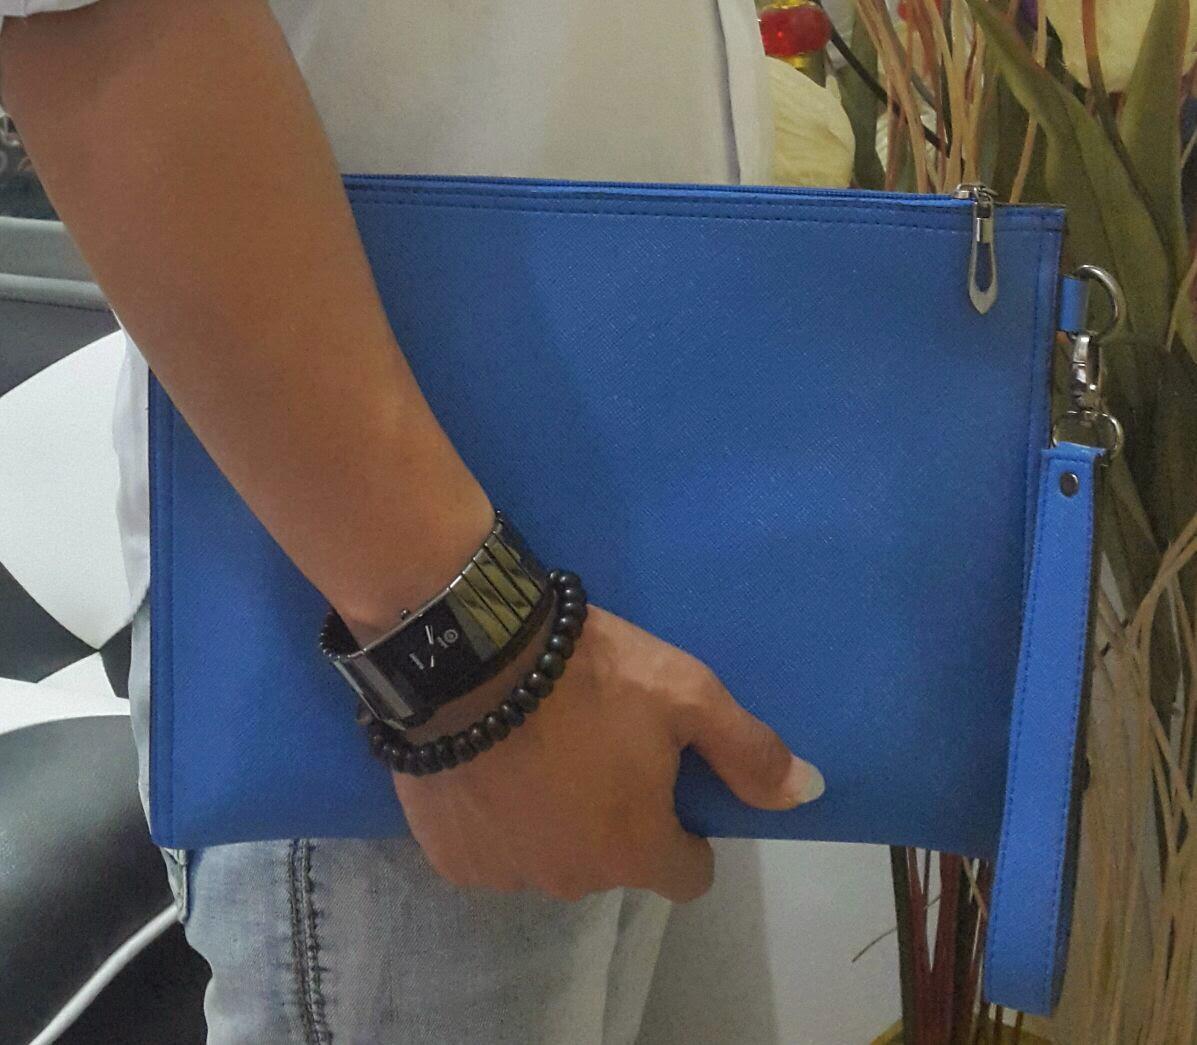 gambar handbag dan clutch bag kualitas kulit asli Clutch bag warna biru tosca kece banget